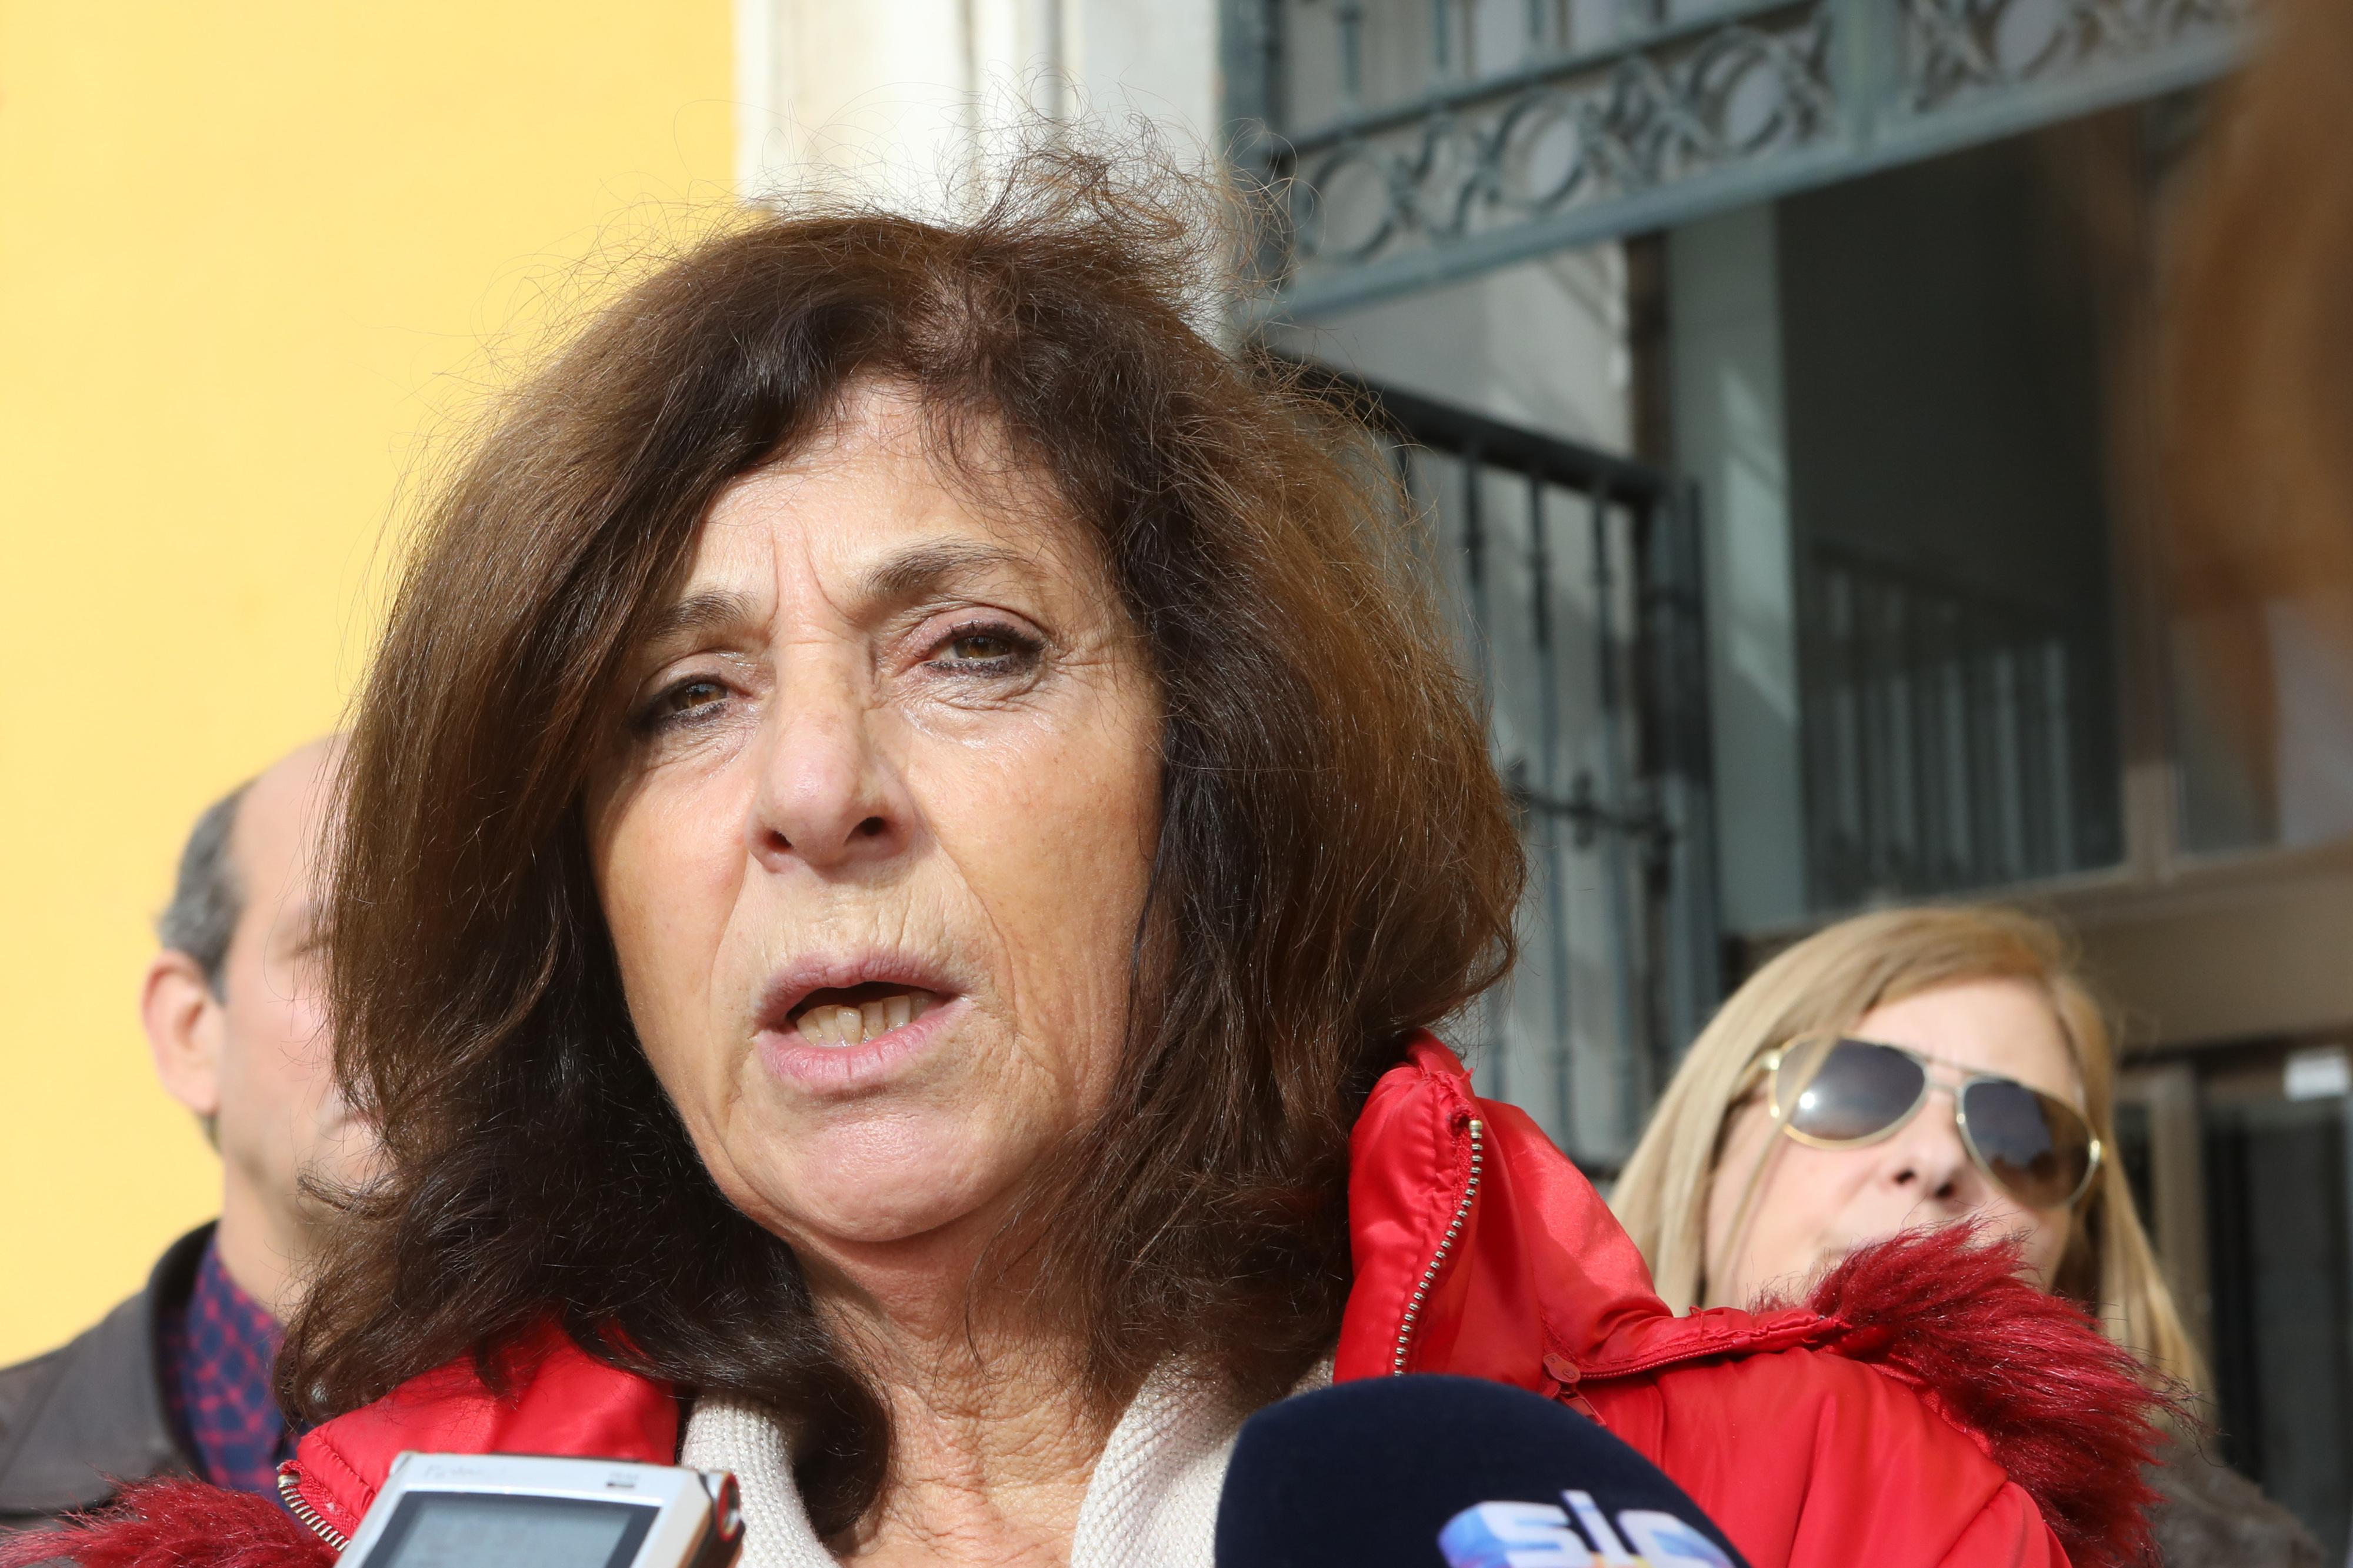 Frente Comum entrega petição no parlamento com mais de 26 mil assinaturas